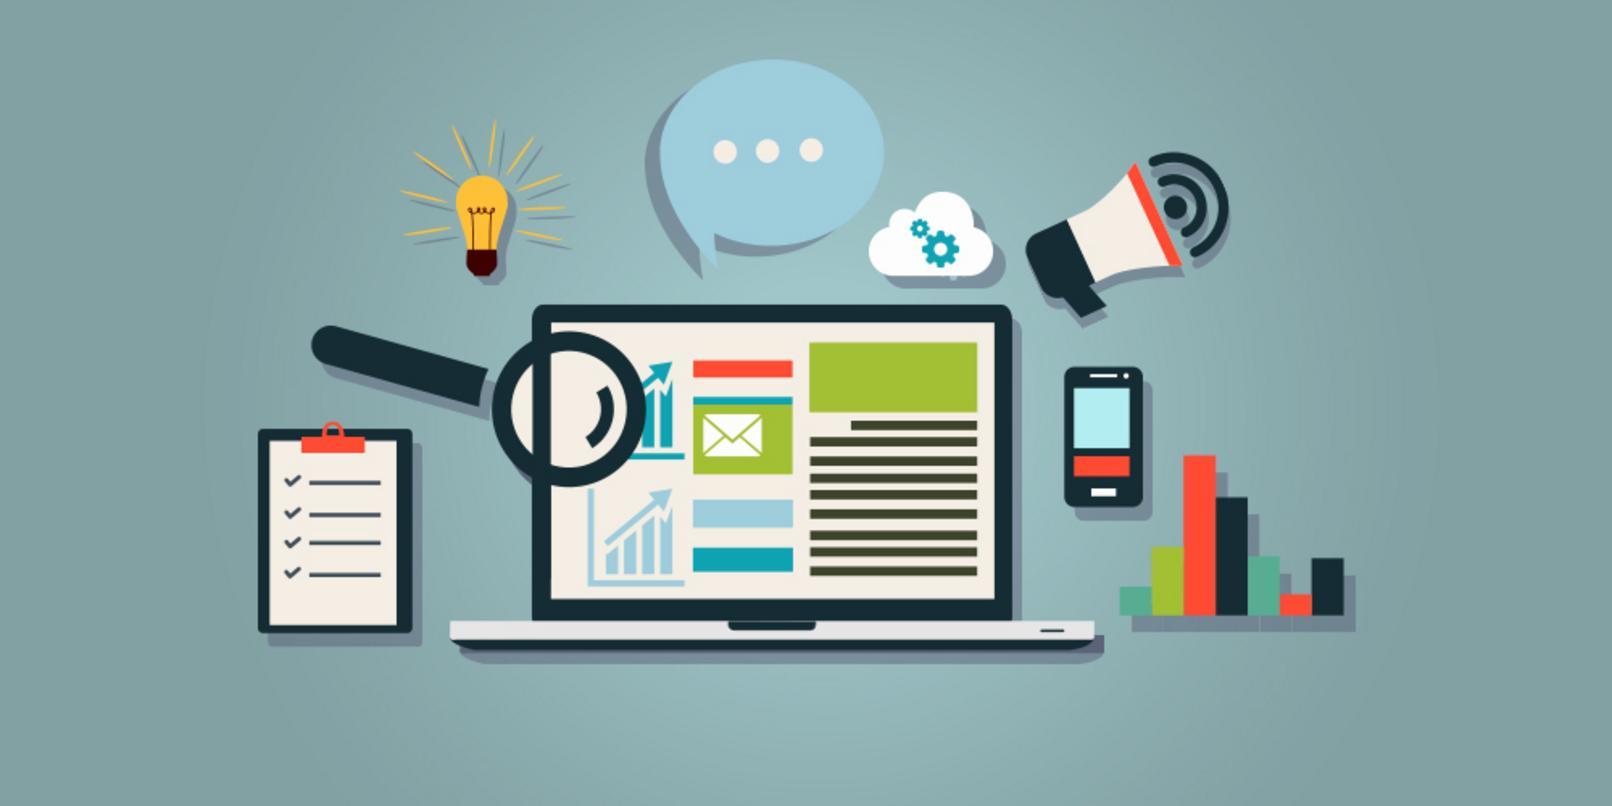 digital marketing agency bandung fwk7MeV